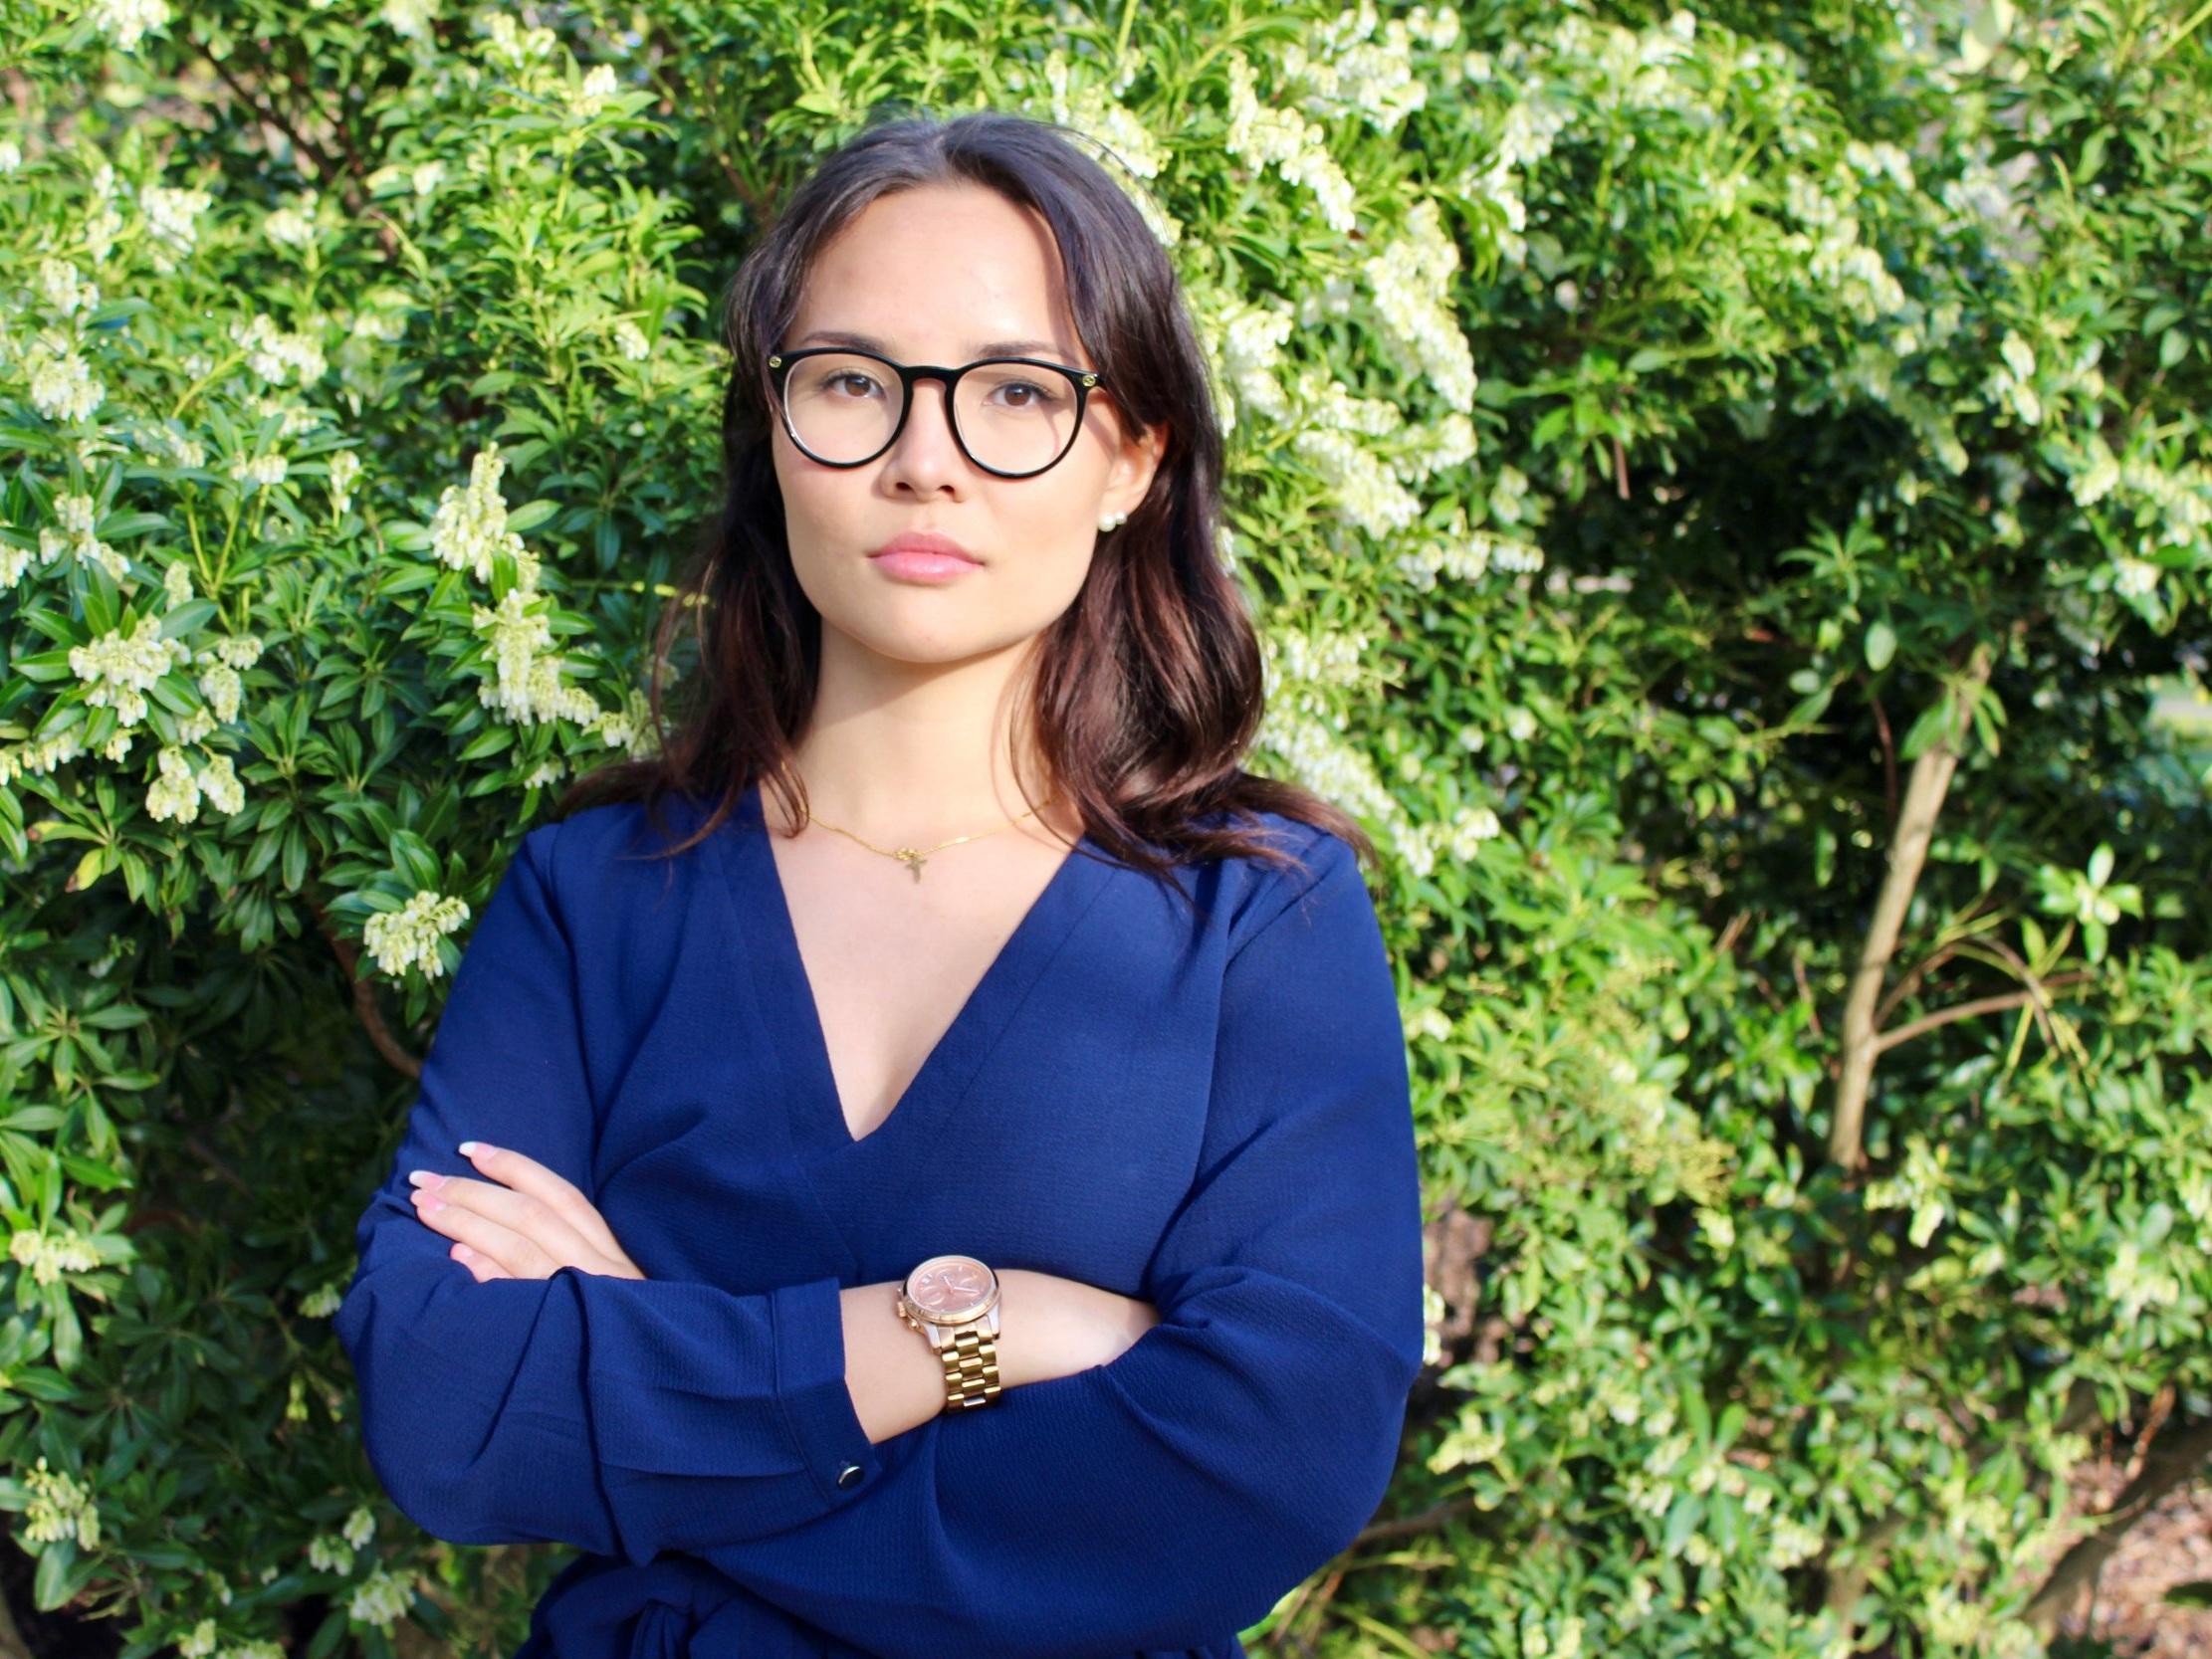 Anna Hallbom (Luf), 18 år - Varför kandiderar du till EU-valet?– Jag ska vara ärlig. Jag kandiderar till EU-valet, mest för att bygga förtroende och tillit till mitt namn till kommande val. Chansen är liten att jag hoppar in i parlamentet som 18-åring, och jag tror inte att jag som 18-åring skulle kunna göra det heller. Det är väldigt ansträngande och krävande. Men jag kandiderar till EU-valet för att jag tror på mer samarbete för att lösa problem, inte mindre samarbete. Jag tror på Liberalerna och allt vi står för!Vilka är era viktigaste frågor i EU-valet?– Klimat, mer samarbete och säkerhet. Det tycker i alla fall jag är viktigast i detta valet!Hur ska ert parti vinna EU-valet?– Att vi är tydliga med att vi säger ja till EU. Inte nja. Inte nej. Utan ja! Vi är också kanske Sveriges mesta (bästa) parti i eu-frågor.